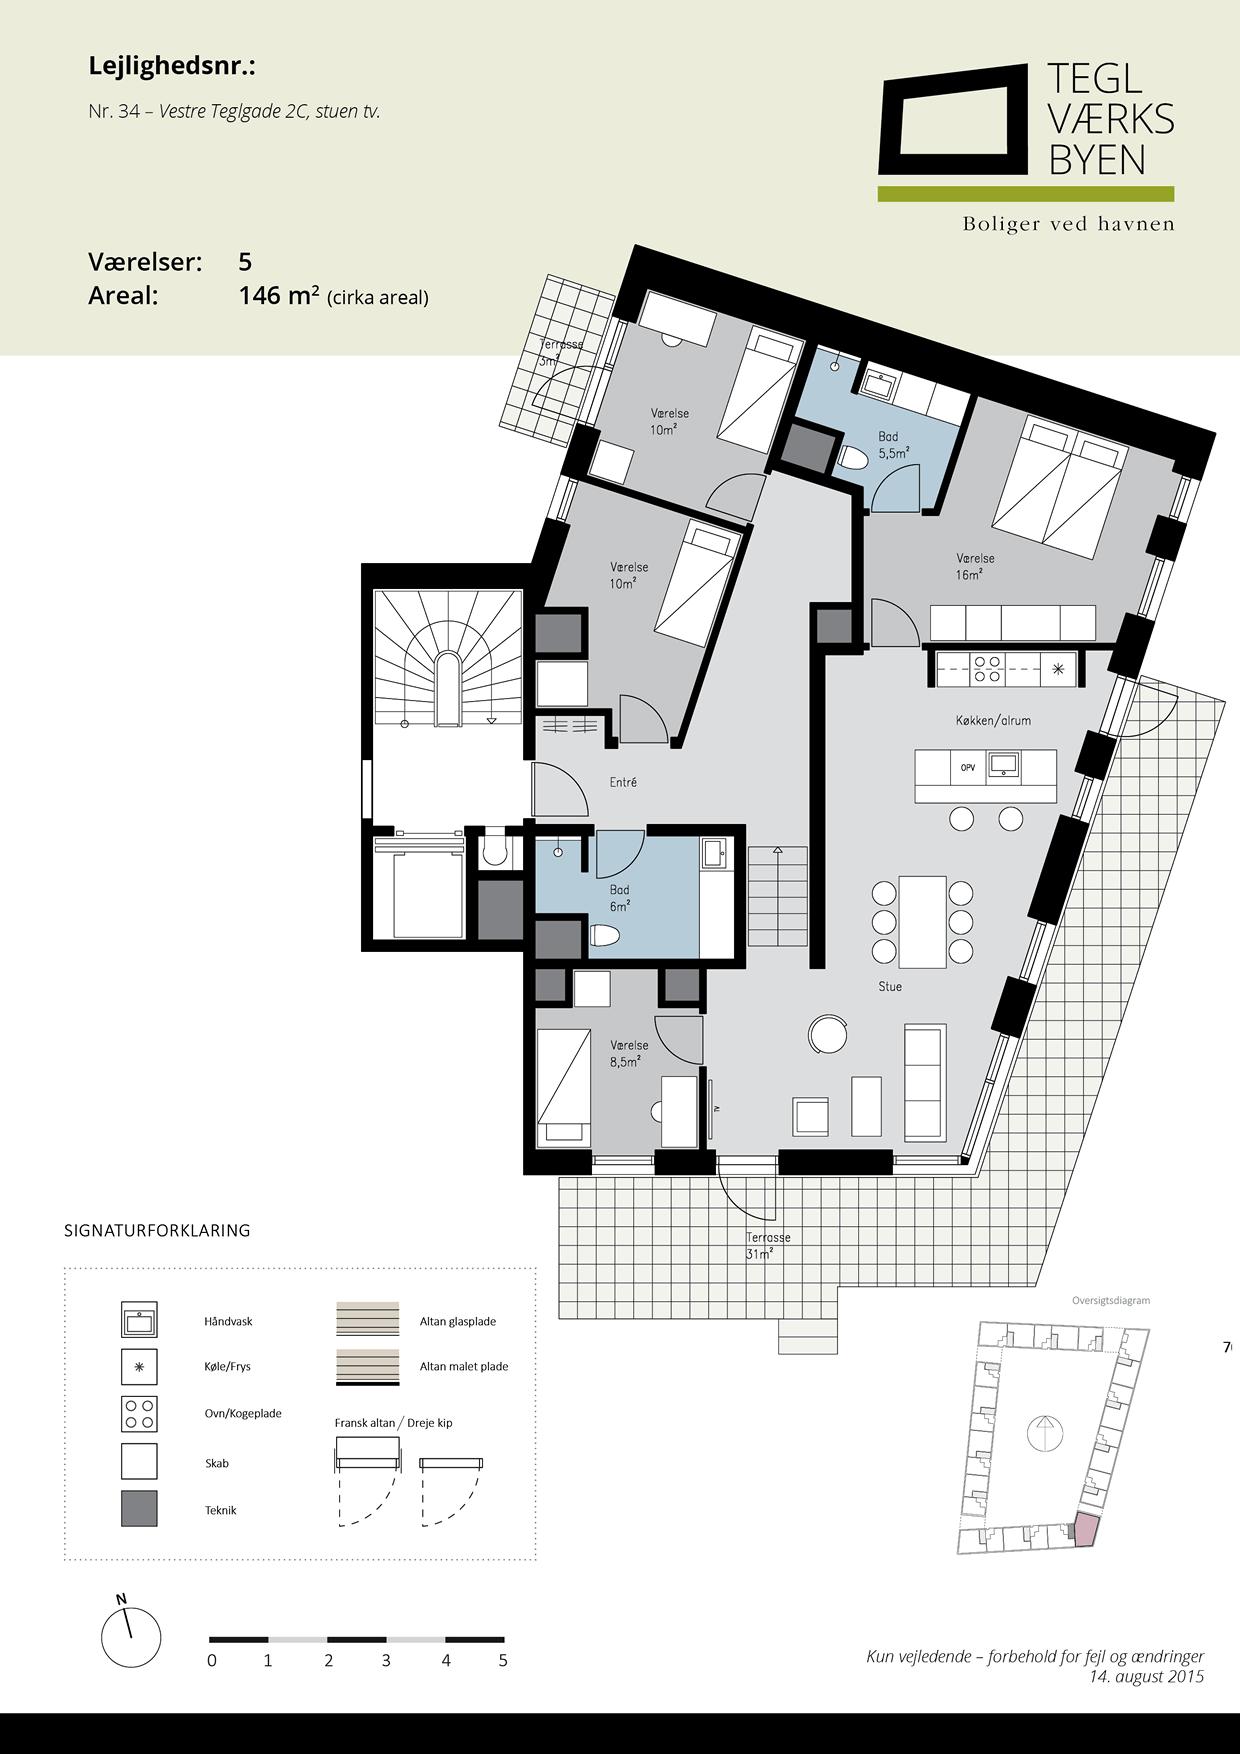 Teglvaerksbyen_34_plan